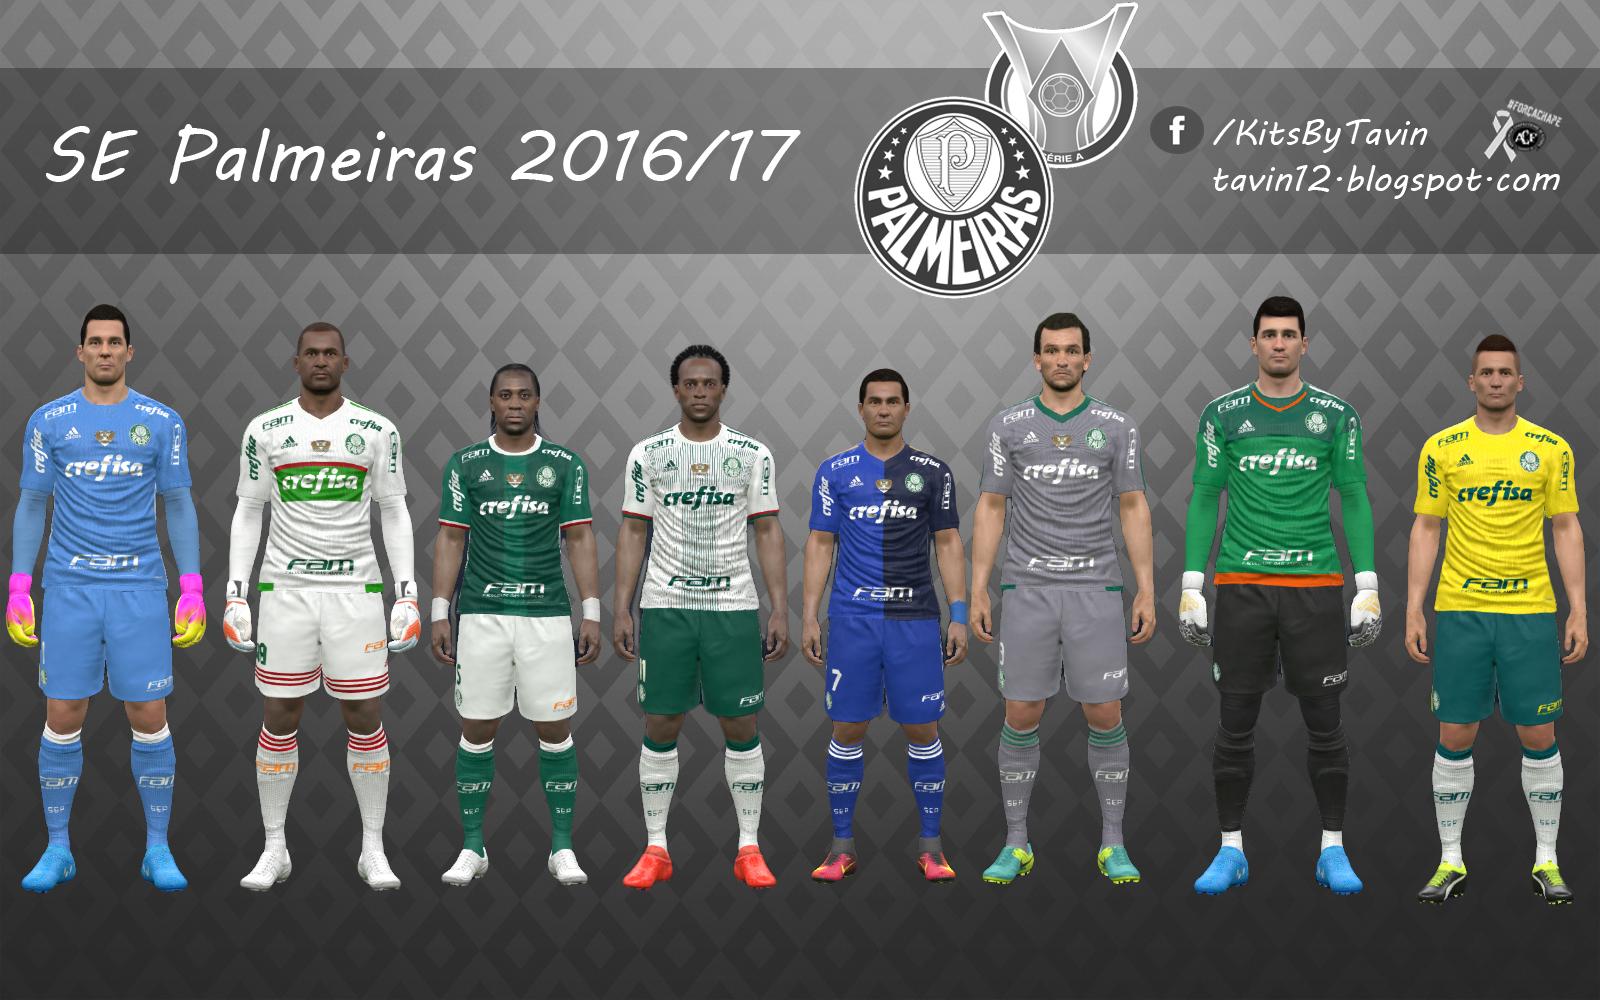 02799f7074db3 Descrição  Uniforme da equipe do Palmeiras usou durante a trajetória da  conquista do Campeonato Brasileiro que não vinha desde 1994